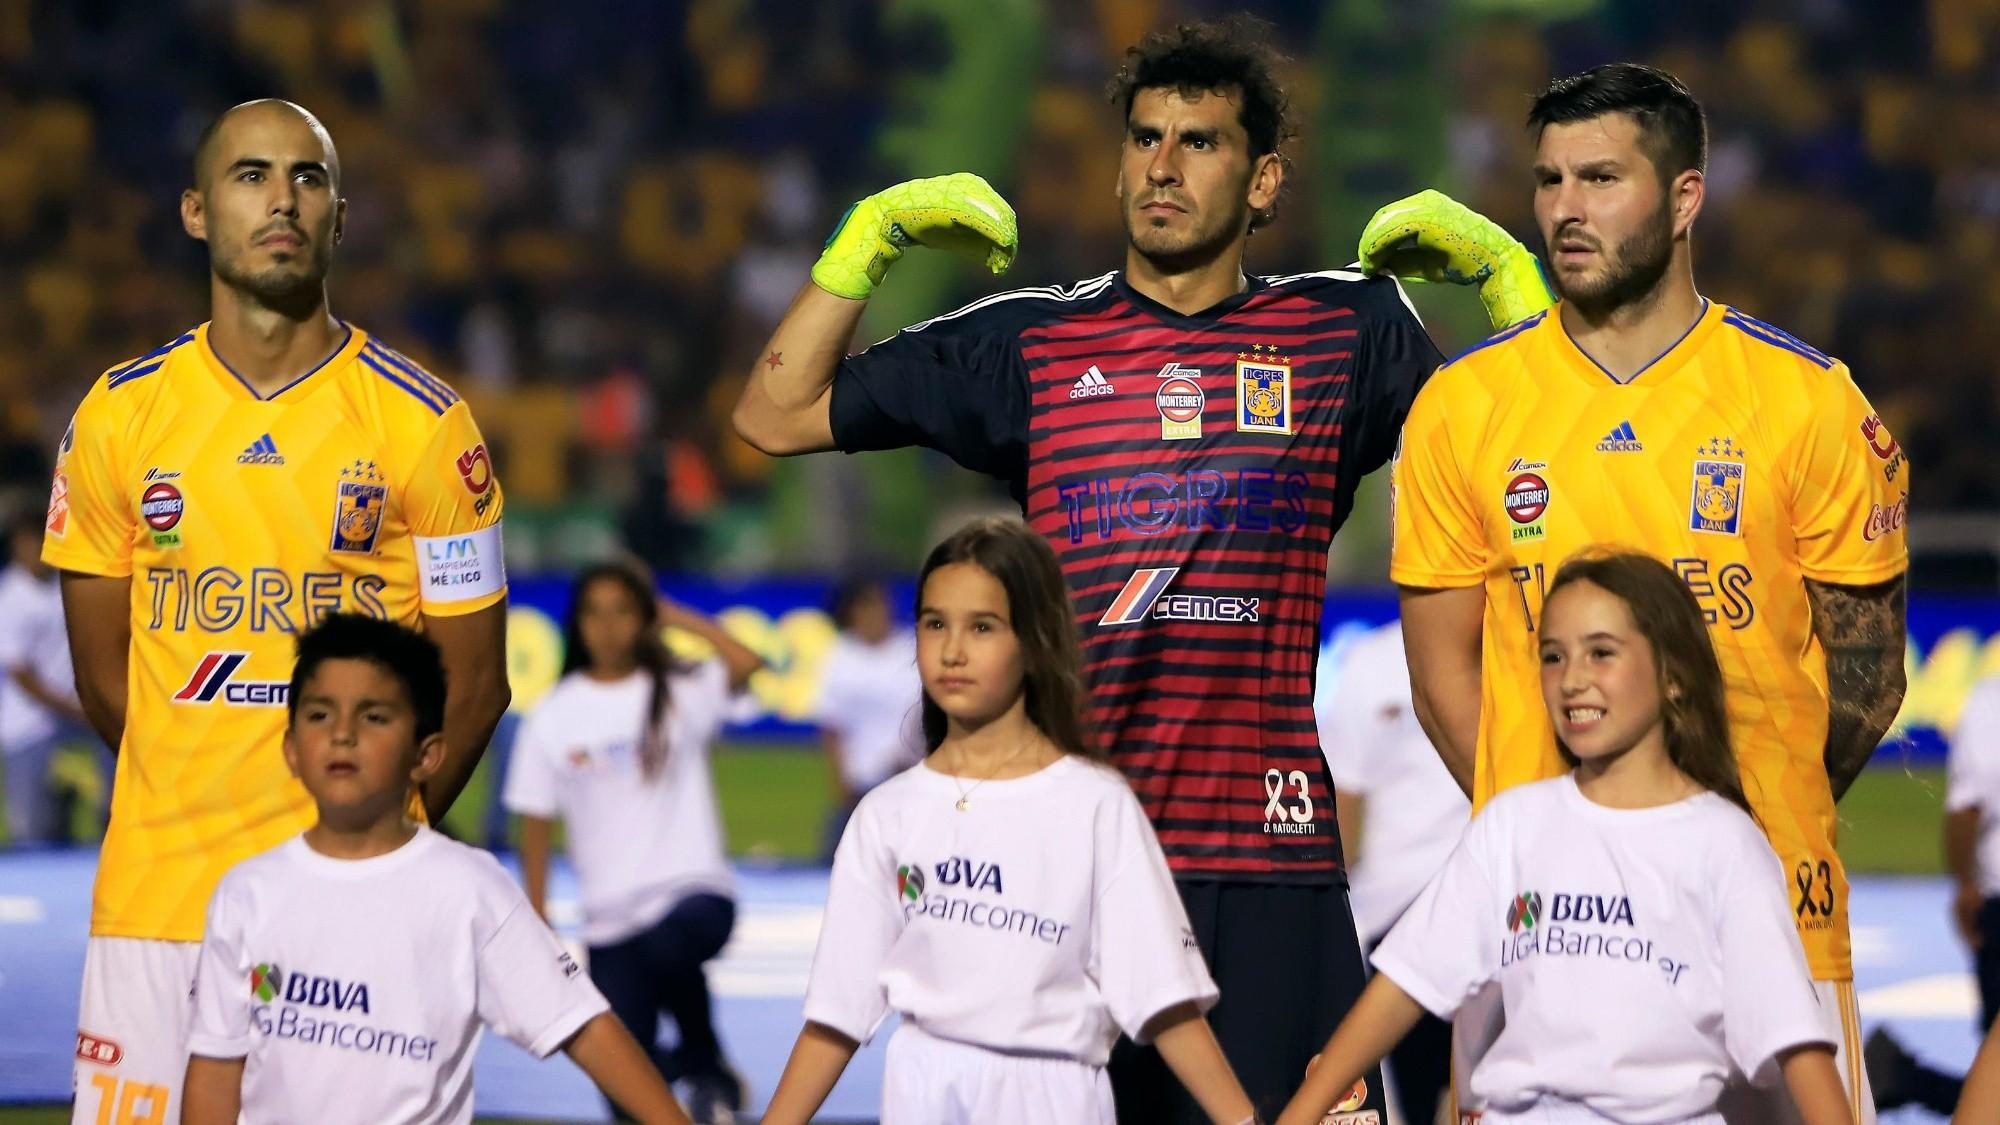 Tigres UANL: André-Pierre Gignac, Nahuel Guzmán y Guido Pizarro trabajan  doble | Bolavip